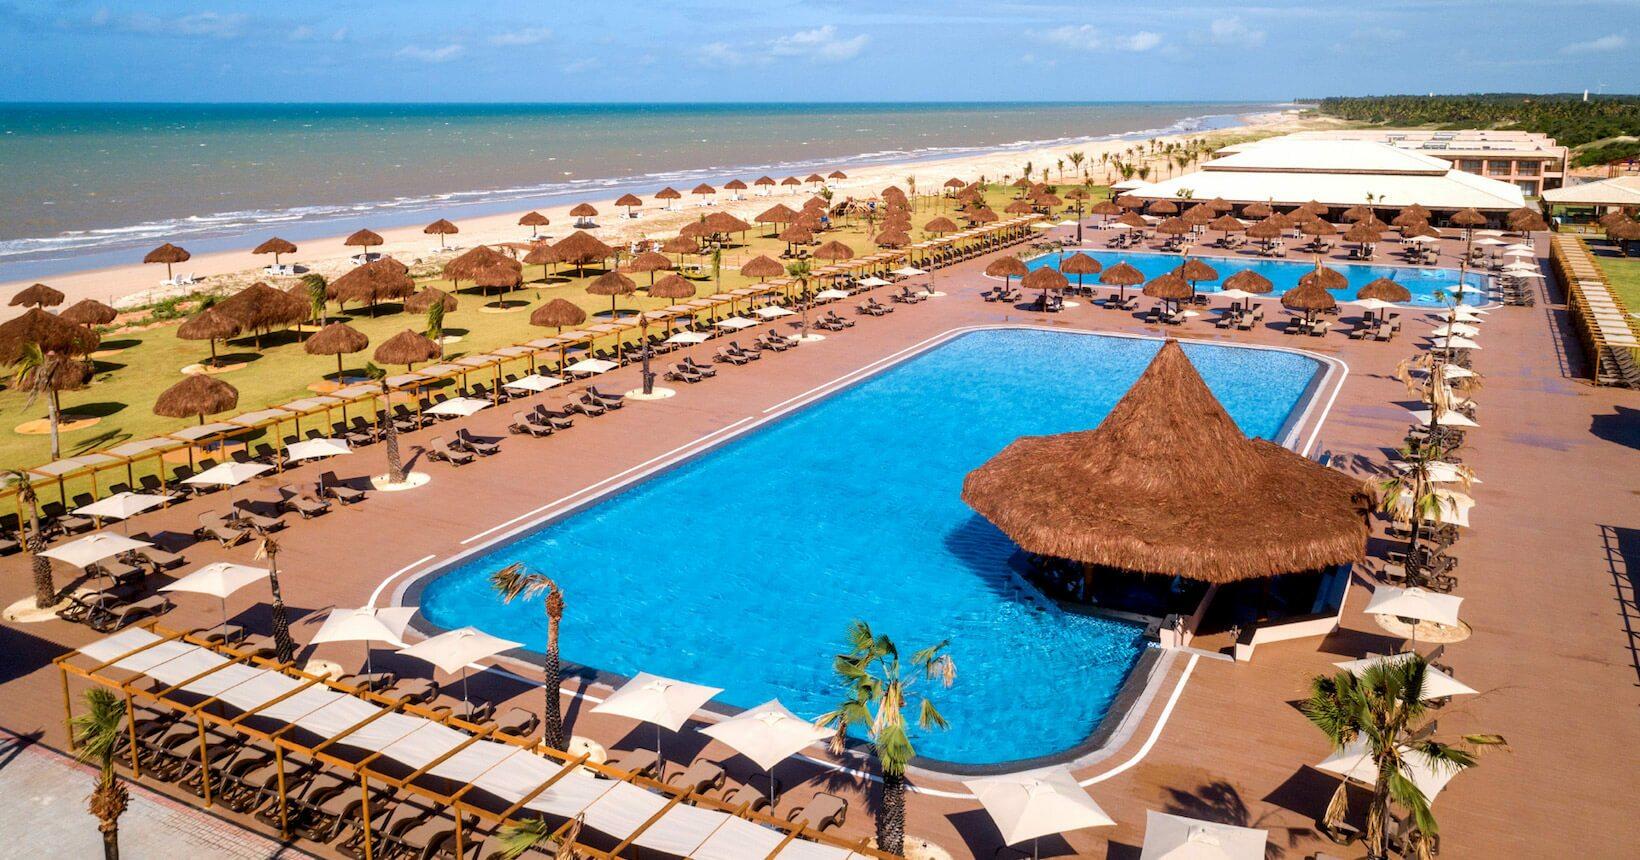 Vila Galé Resort Touros